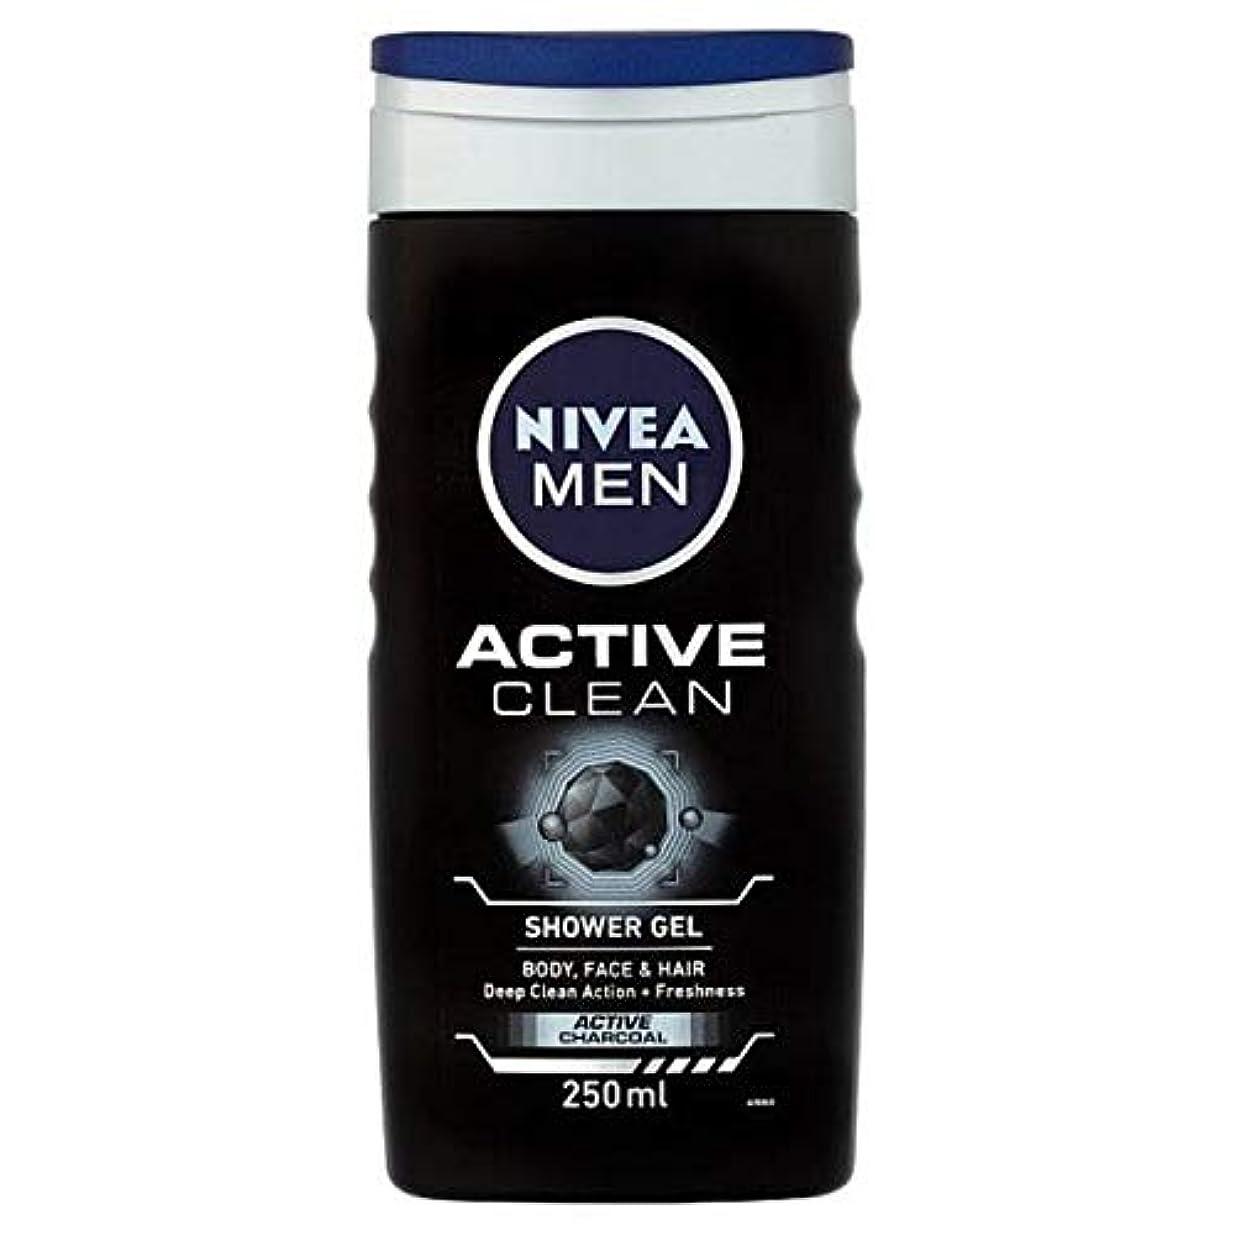 経営者勇気のあるアクセント[Nivea ] ニベア男性用シャワージェル、炭との活発なきれいな、250ミリリットル - NIVEA Men Shower Gel, Active Clean with Charcoal, 250ml [並行輸入品]